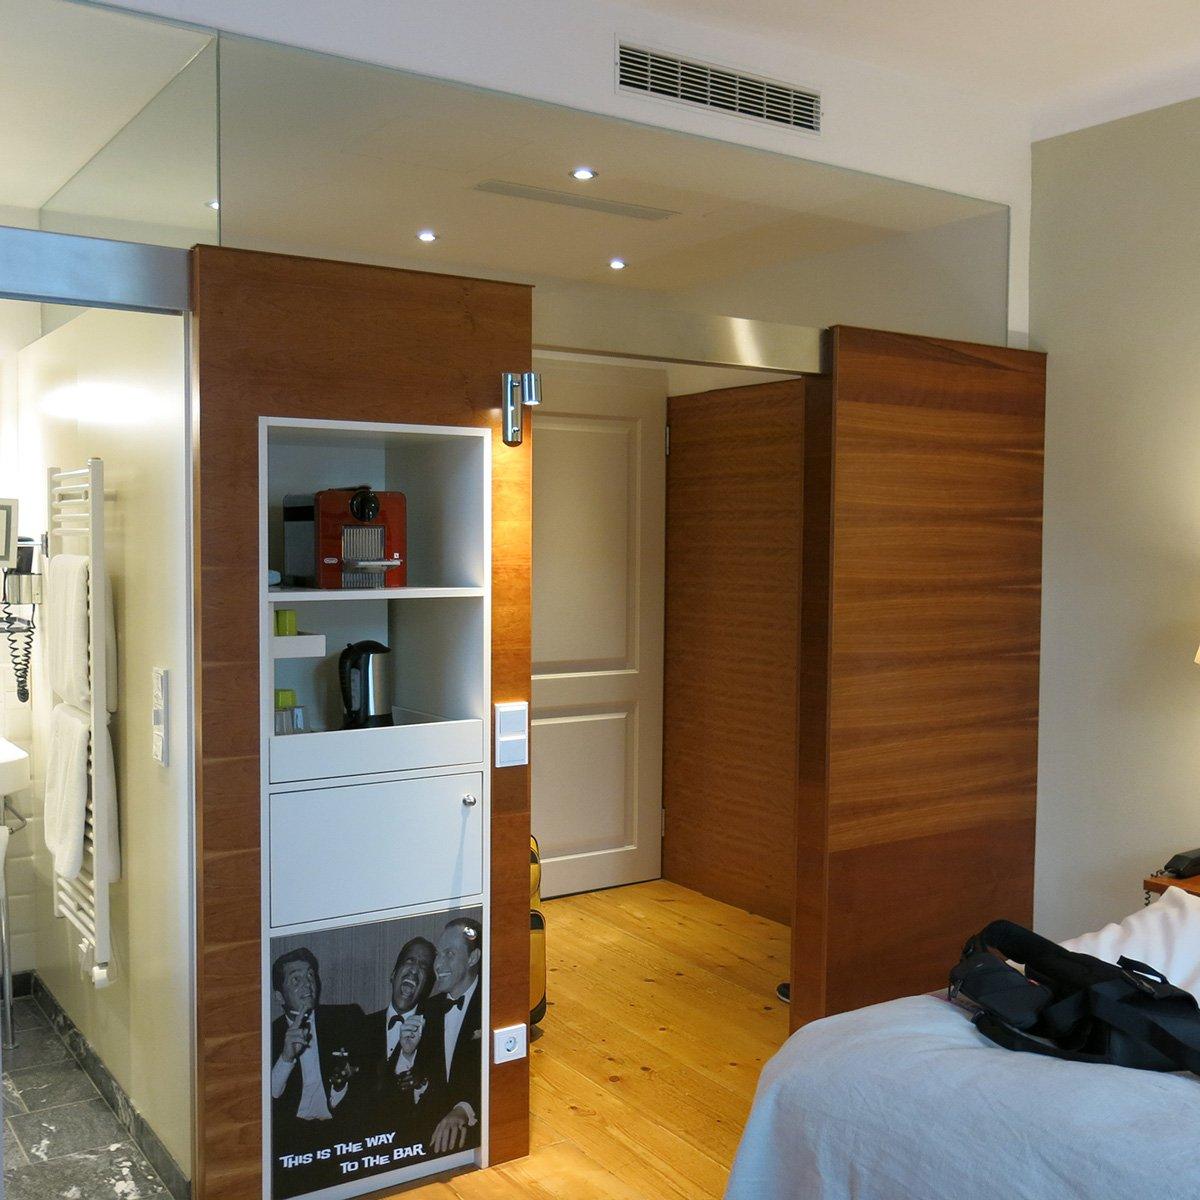 Salzburg, Sightseeing, Ausflug, Wochenende, Conny Doll, Sehenswürdigkeiten, Hotel Auersperg, Blick ins Zimmer